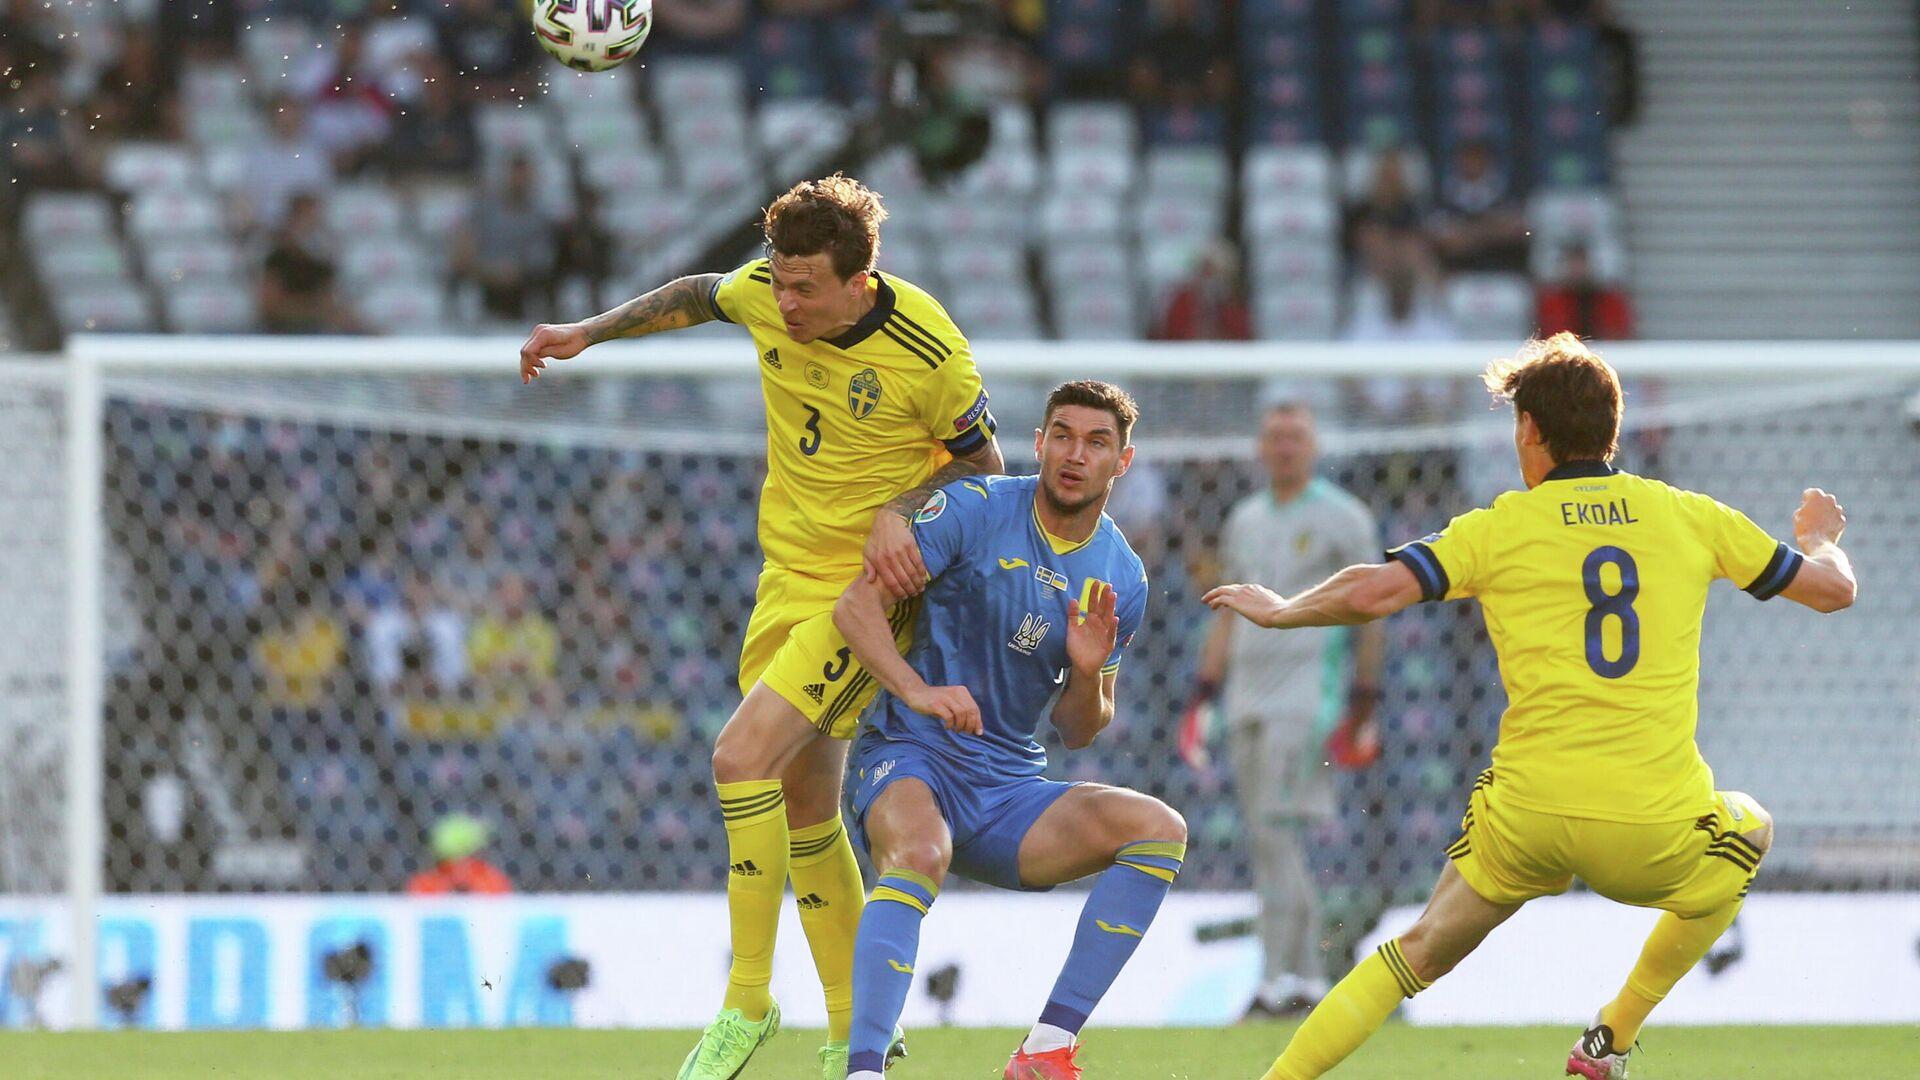 Игровой момент матча Швеция - Украина - РИА Новости, 1920, 30.06.2021